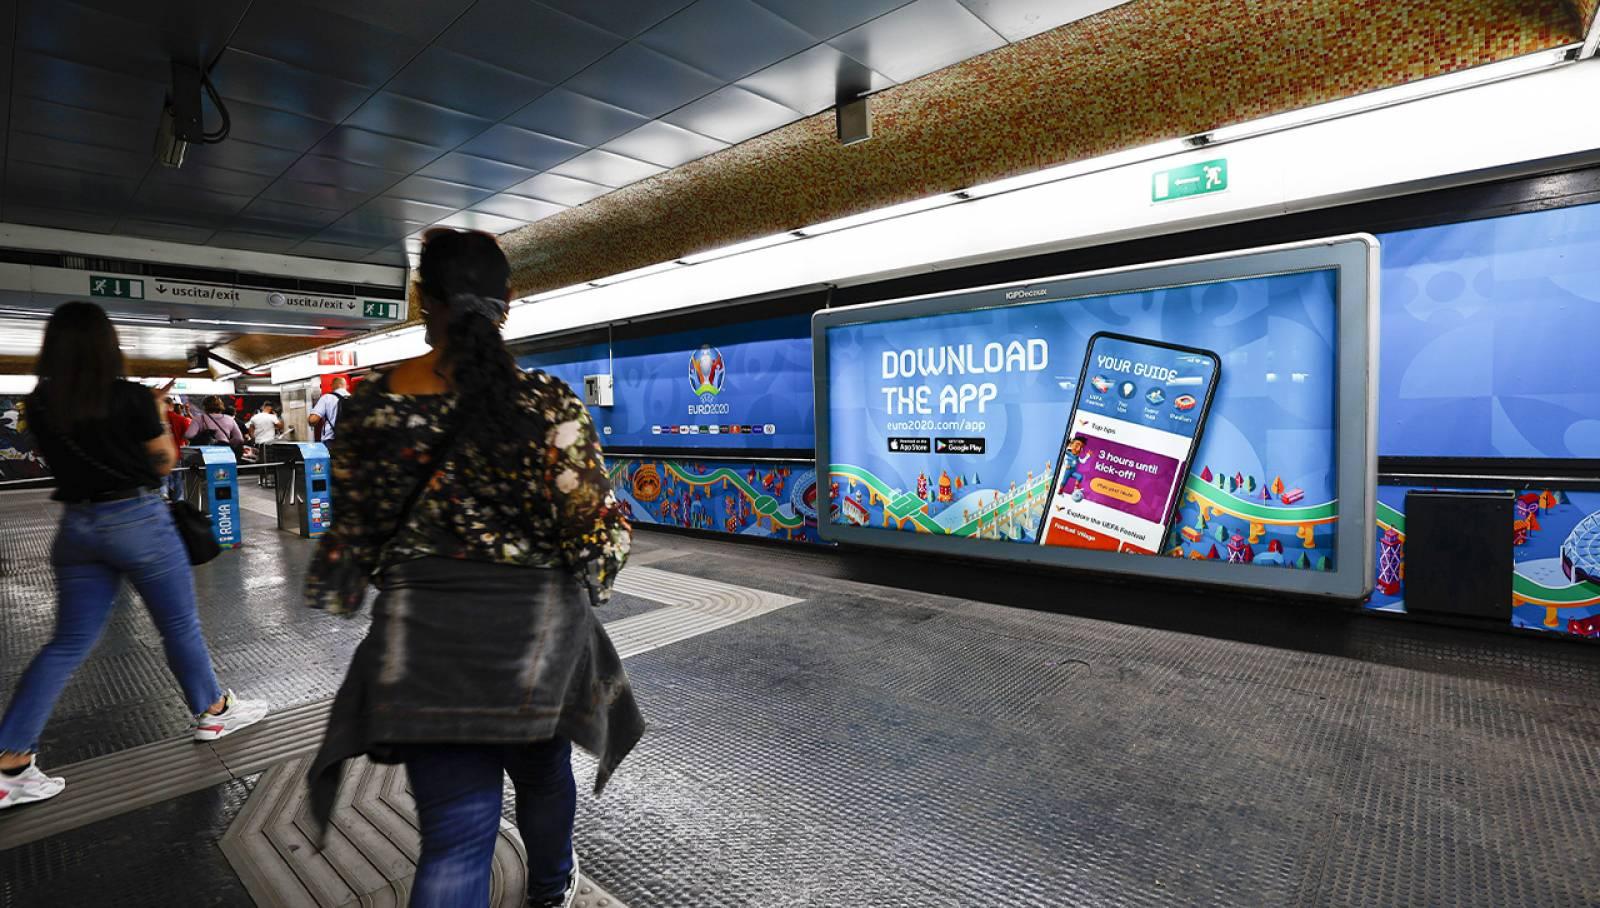 Pubblicità in metropolitana a Roma Flaminio IGPDecaux Station Domination per UEFA 2020